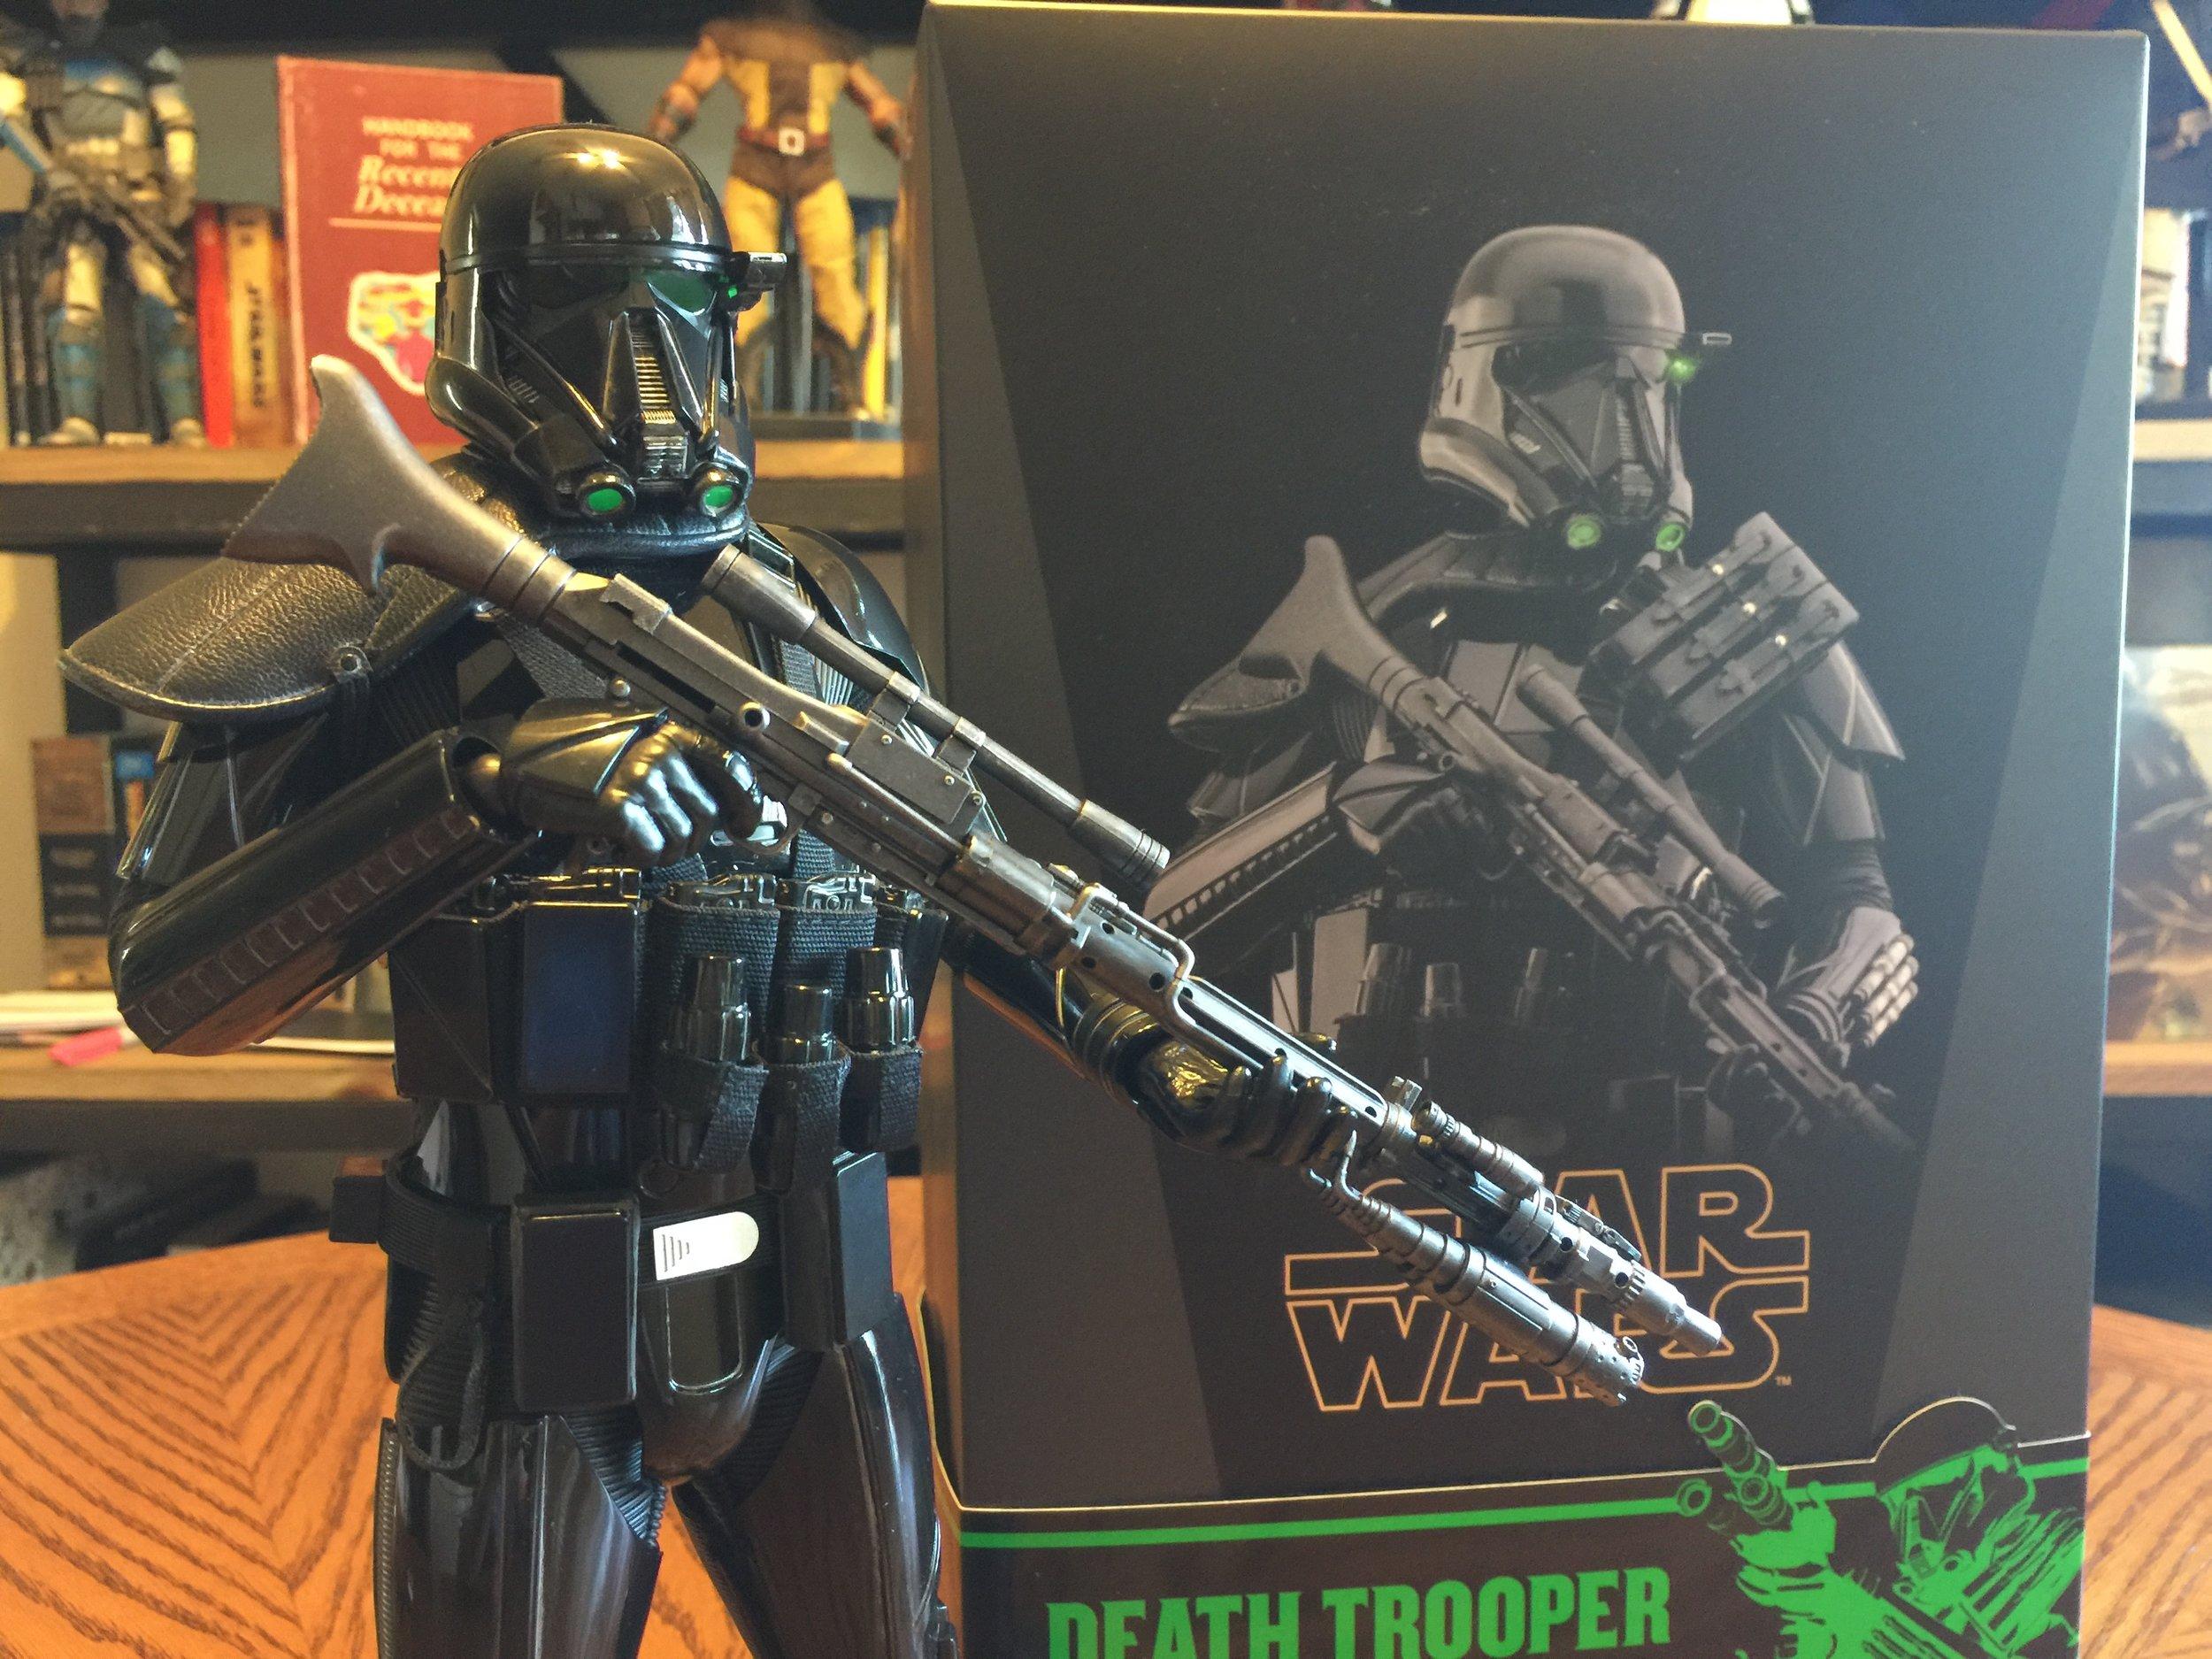 Deathtrooper Wallpaper Posted By Ryan Peltier